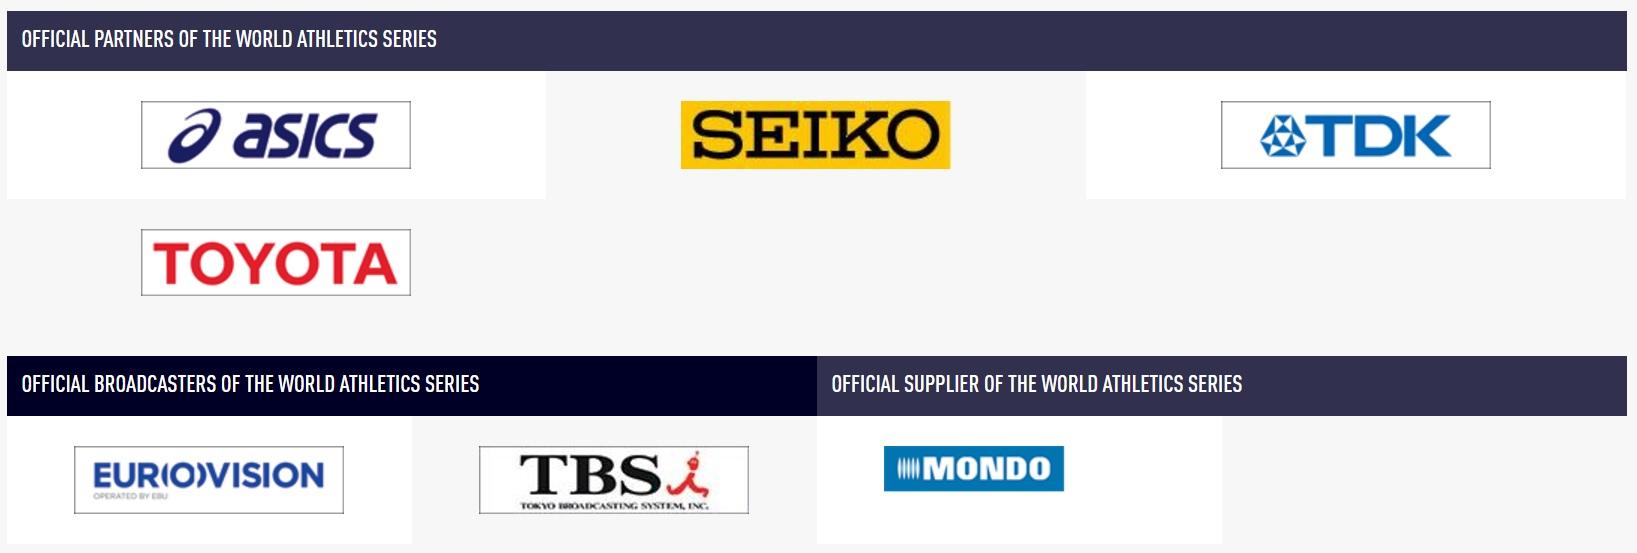 世界陸上のスポンサー、日本企業しかなくてワロタ